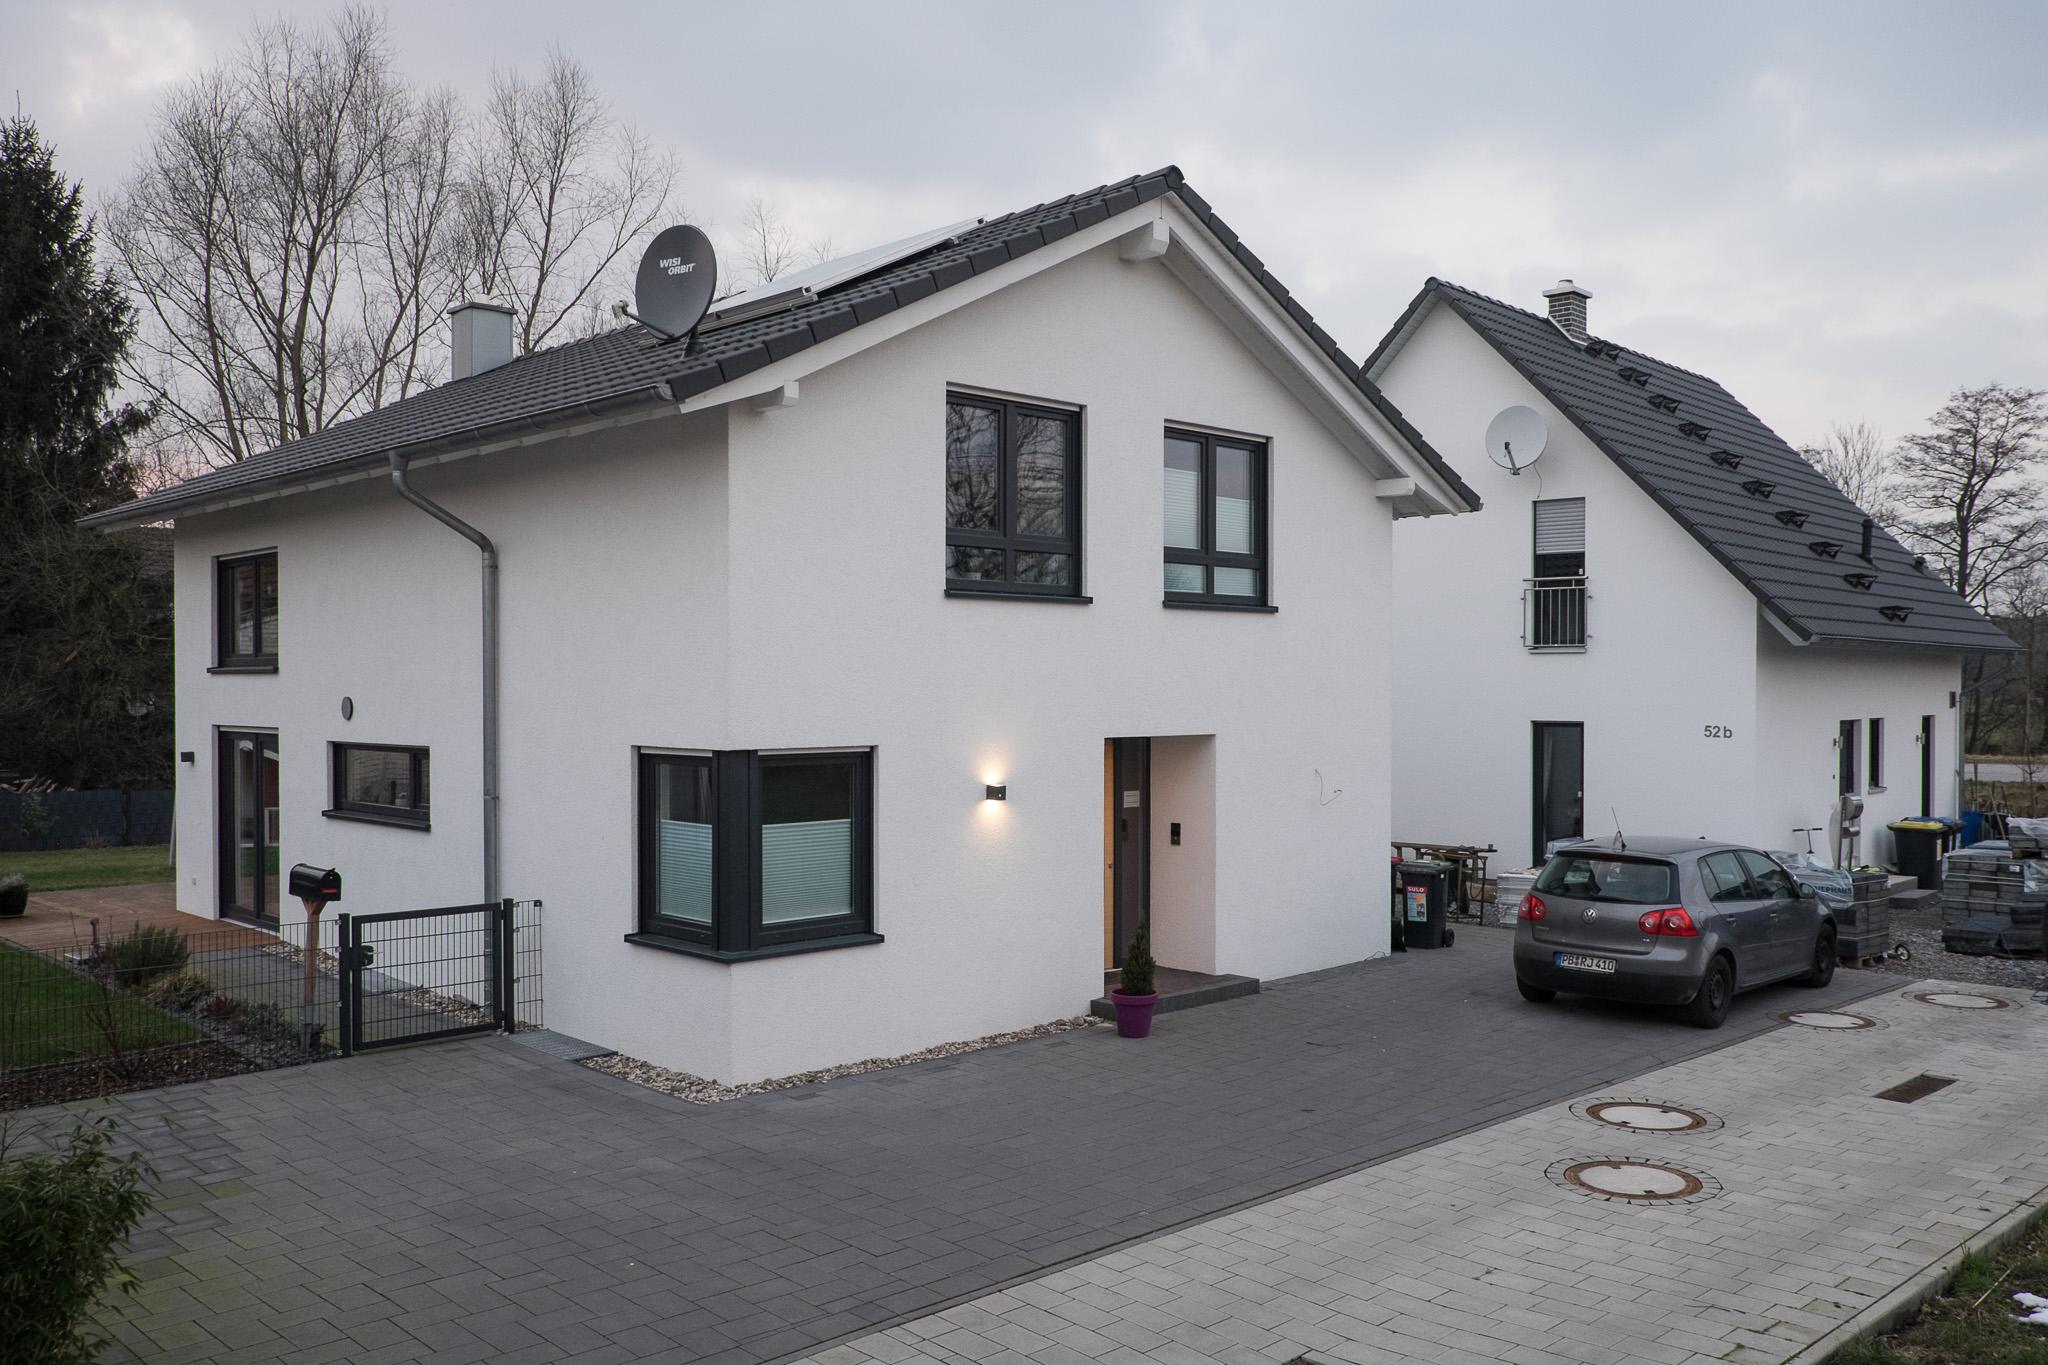 Allgemein – Ein Haus für den Zwerg